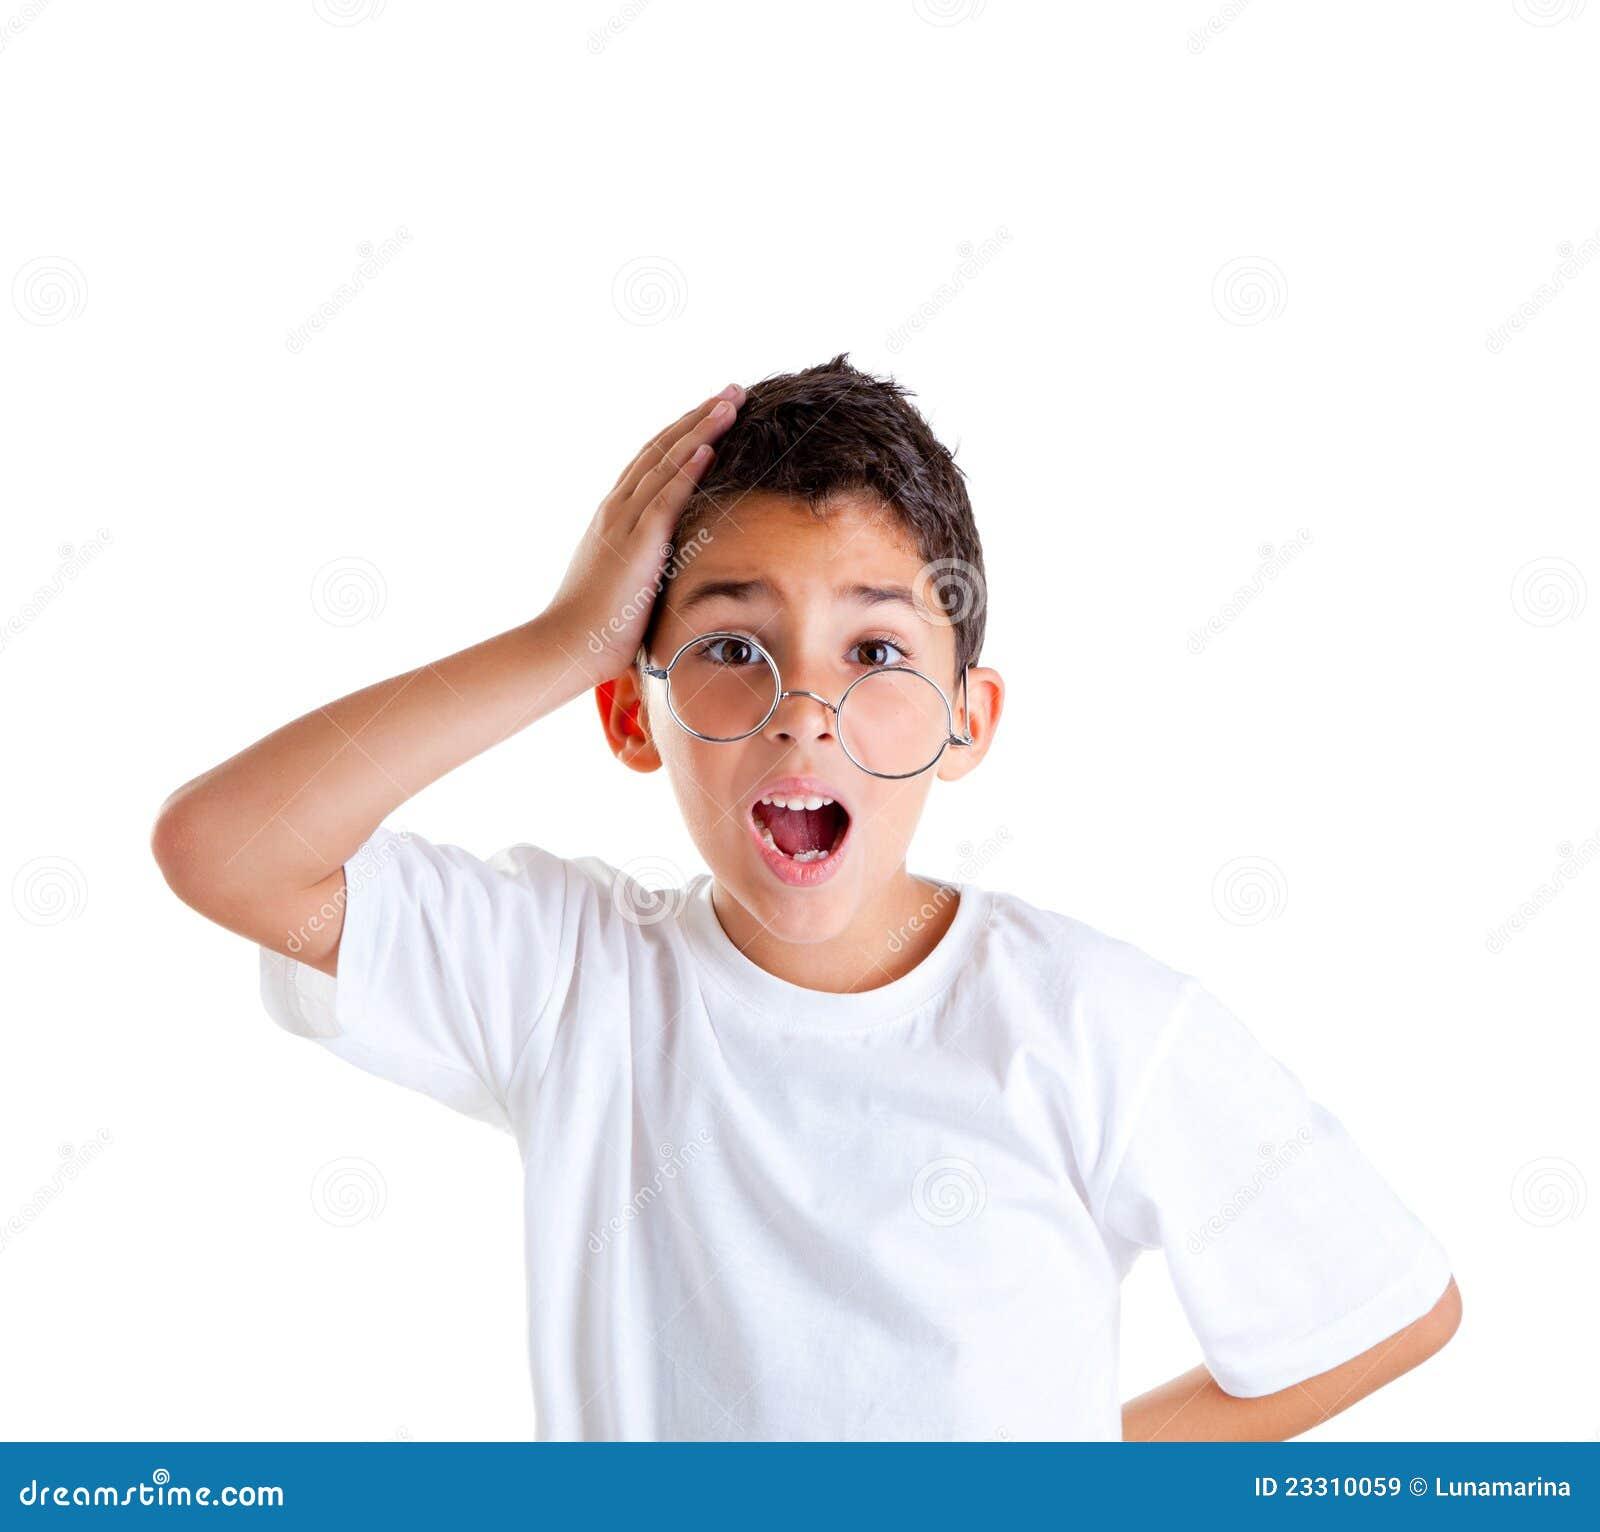 43610921e3 αγοριών παιδιών ανόητο λευκό κατσικιών έκφρασης απομονωμένο γυαλιά nerd.  Φωτογραφία ...